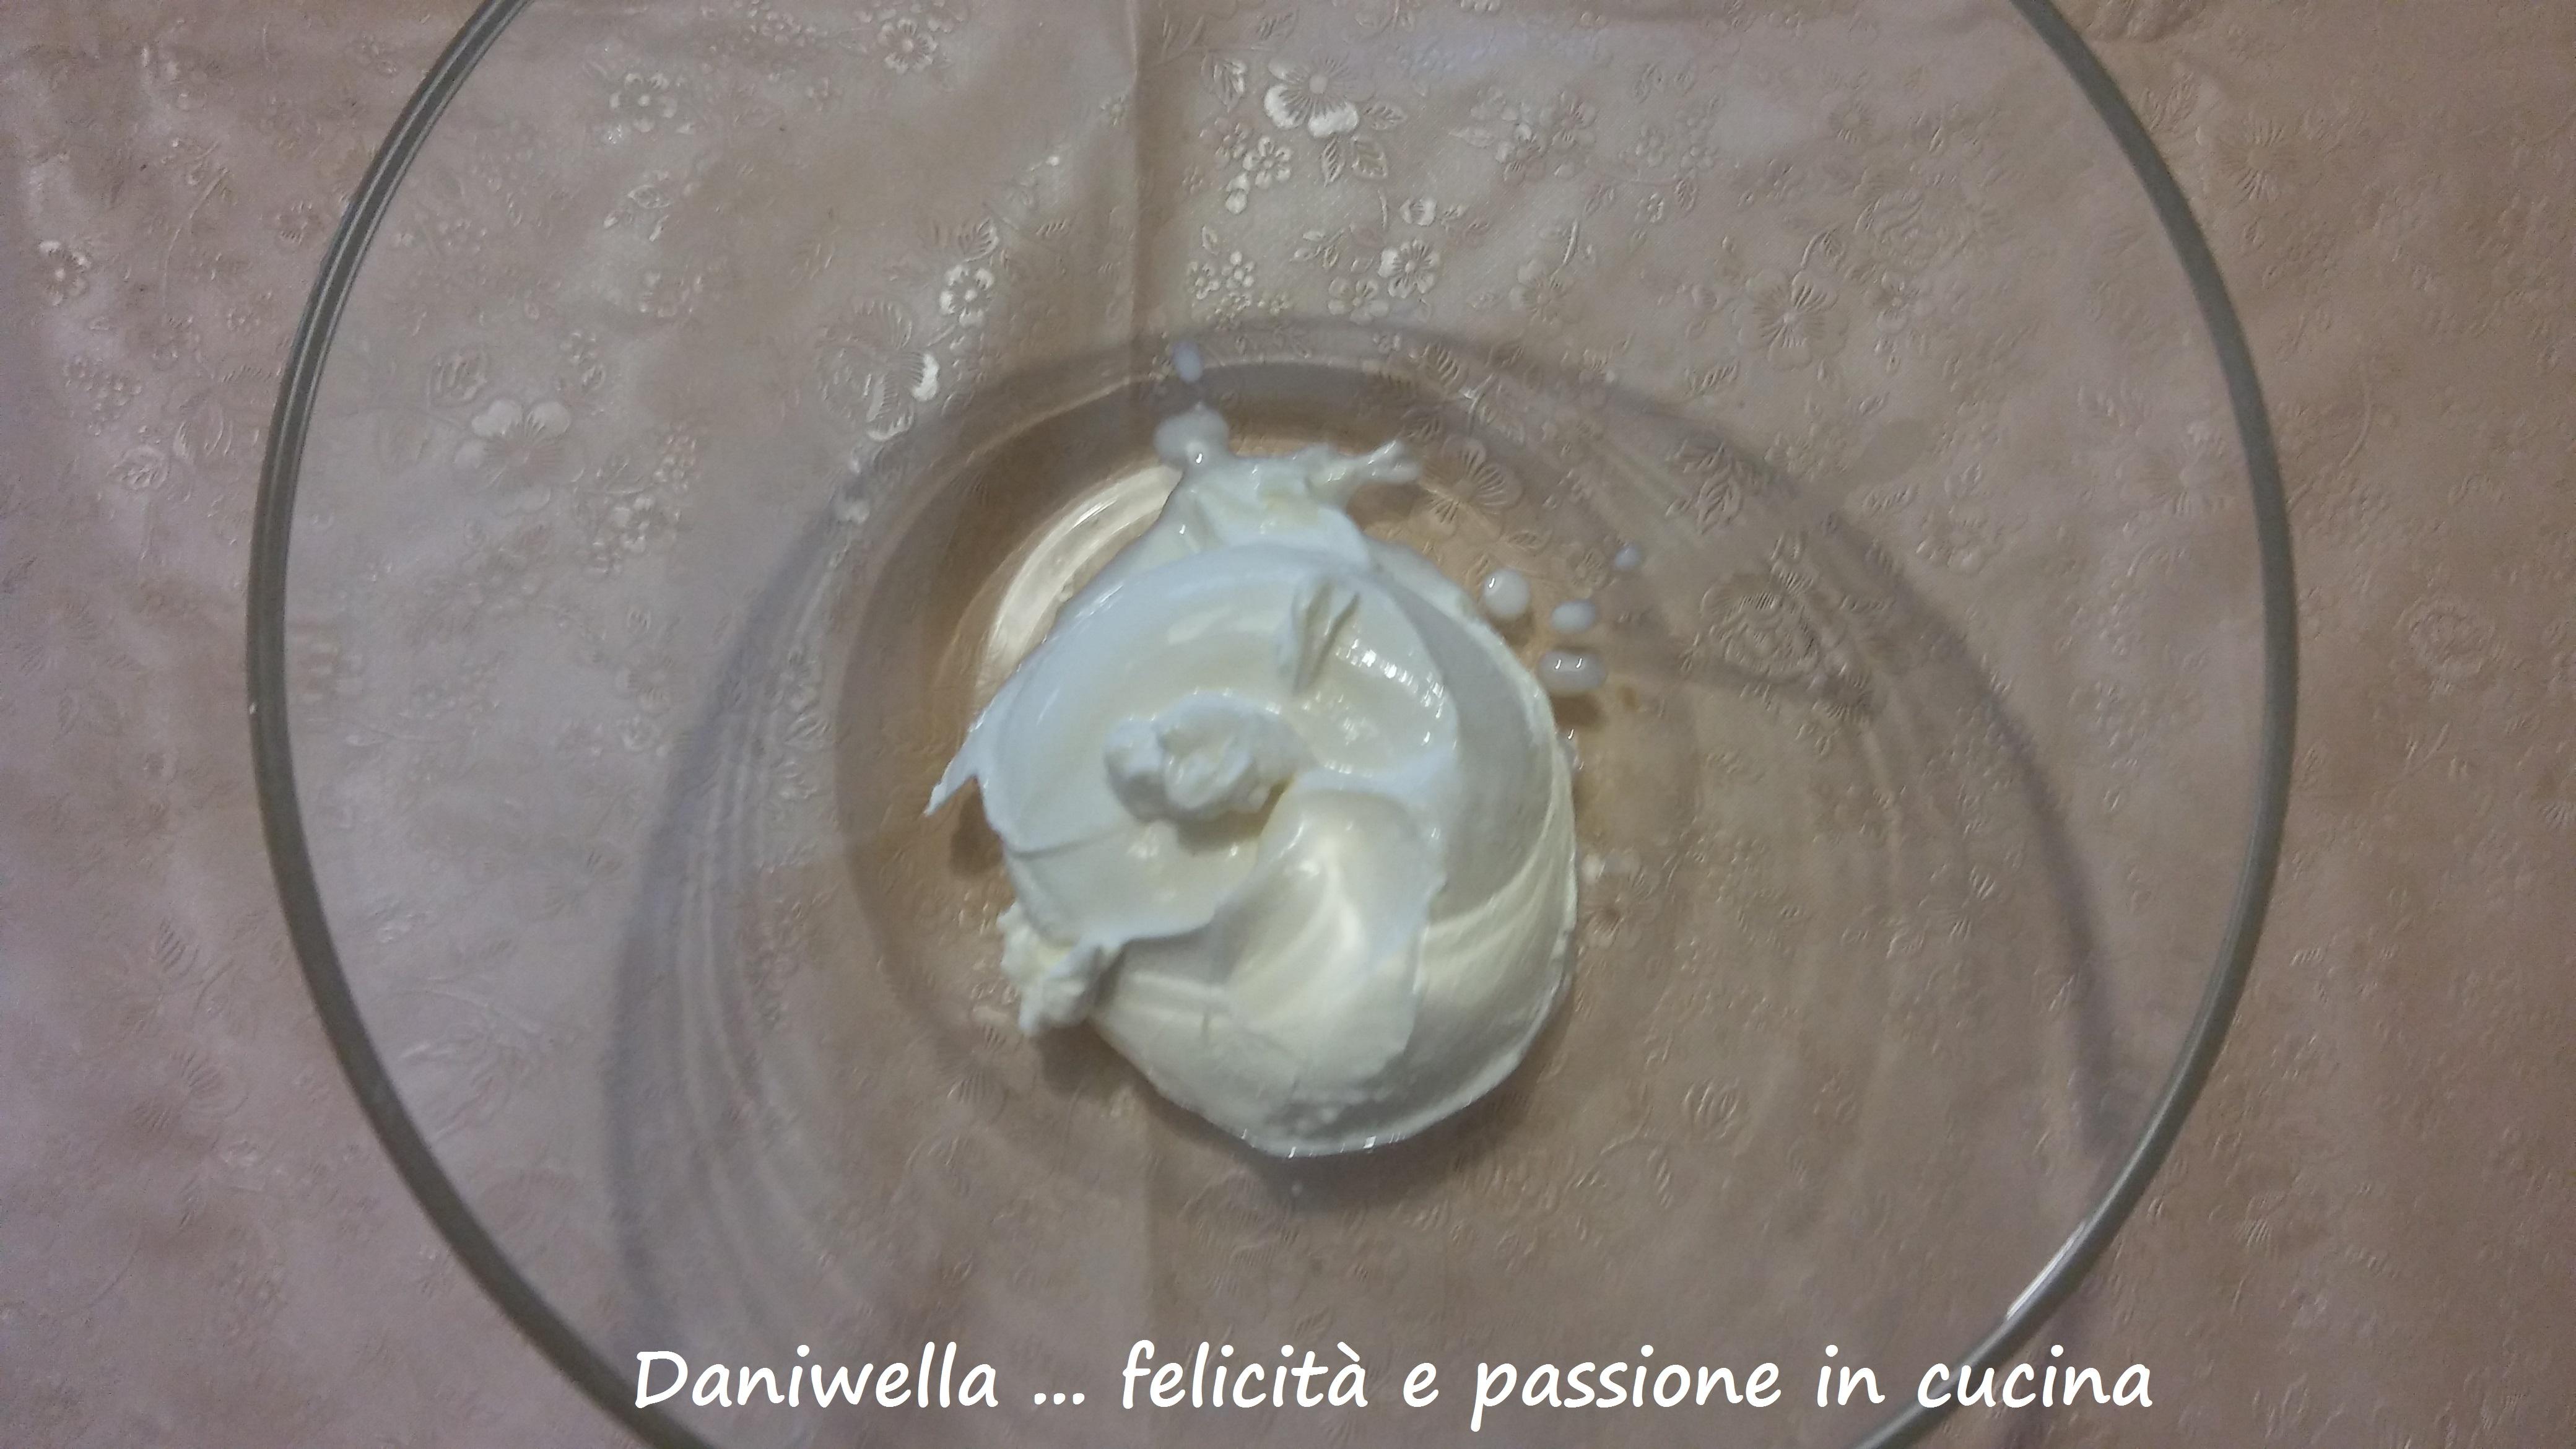 In una ciotola amalgamare il mascarpone con una frusta a mano per renderlo più morbido. Unite i 2 cucchiaini di burro di arachidi (l'ingrediente segreto) se avete deciso di usarlo e amalgamate al mascarpone.